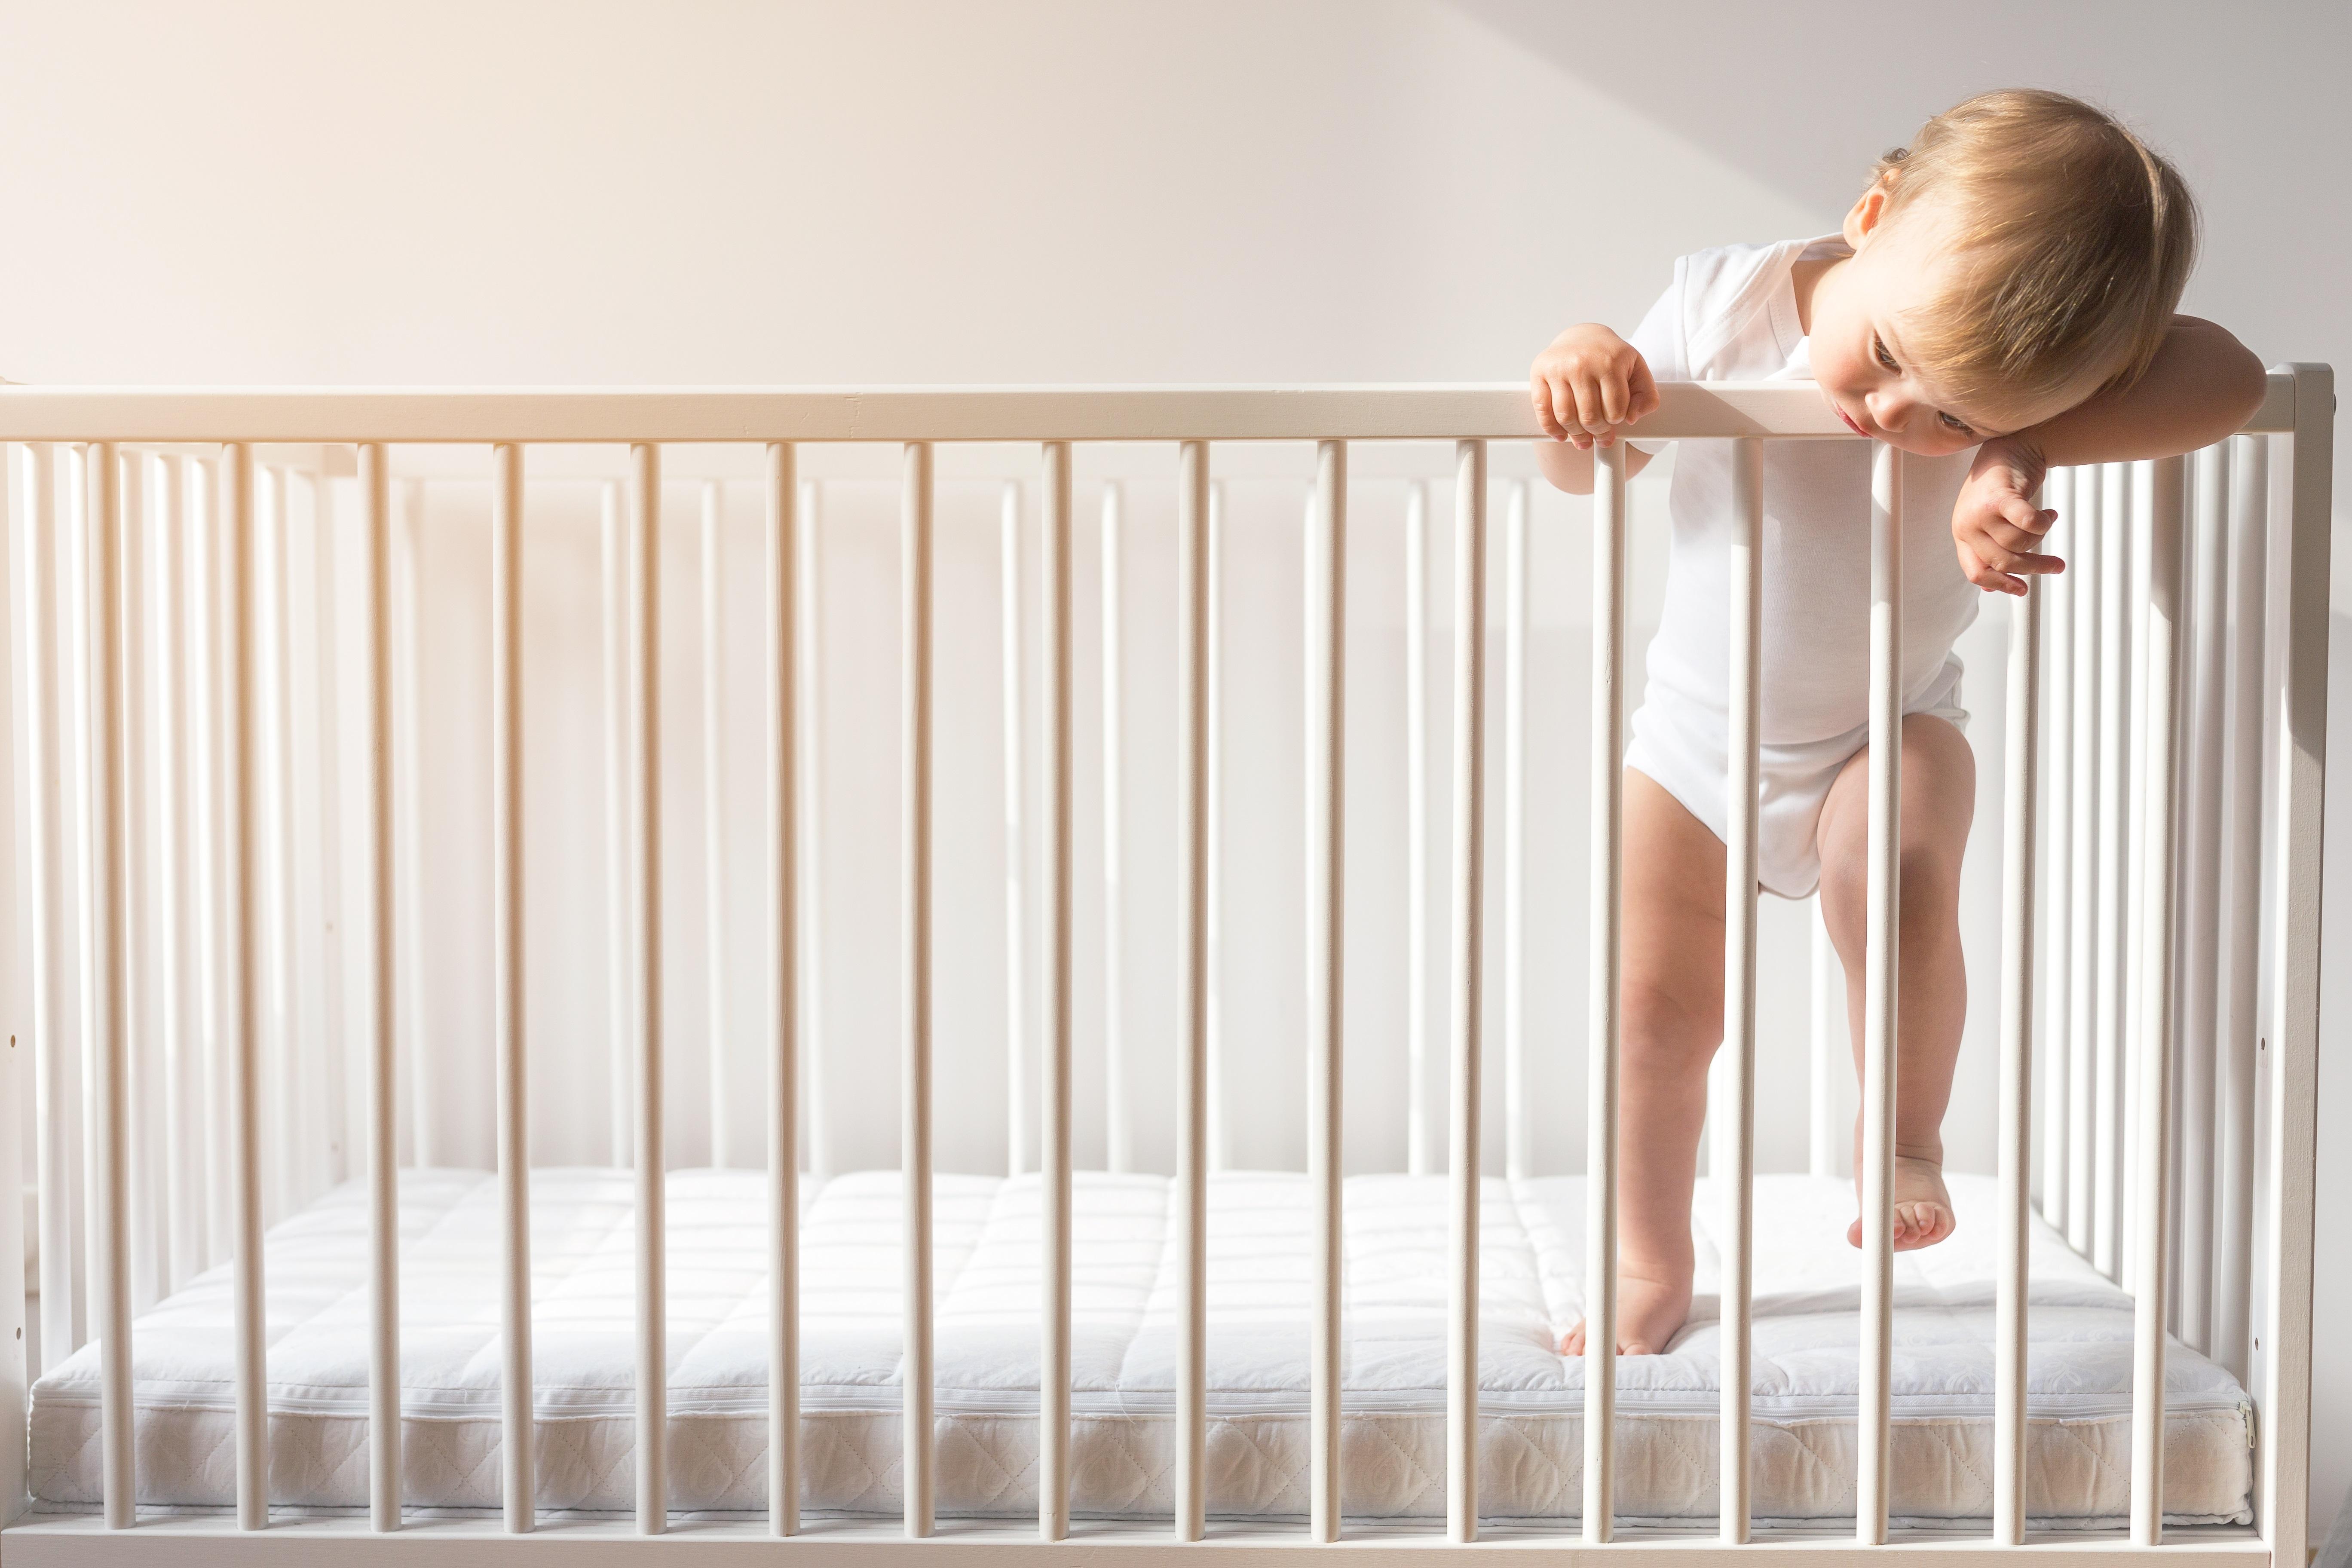 Gradiva za starše o varni opremi in varnosti otrok